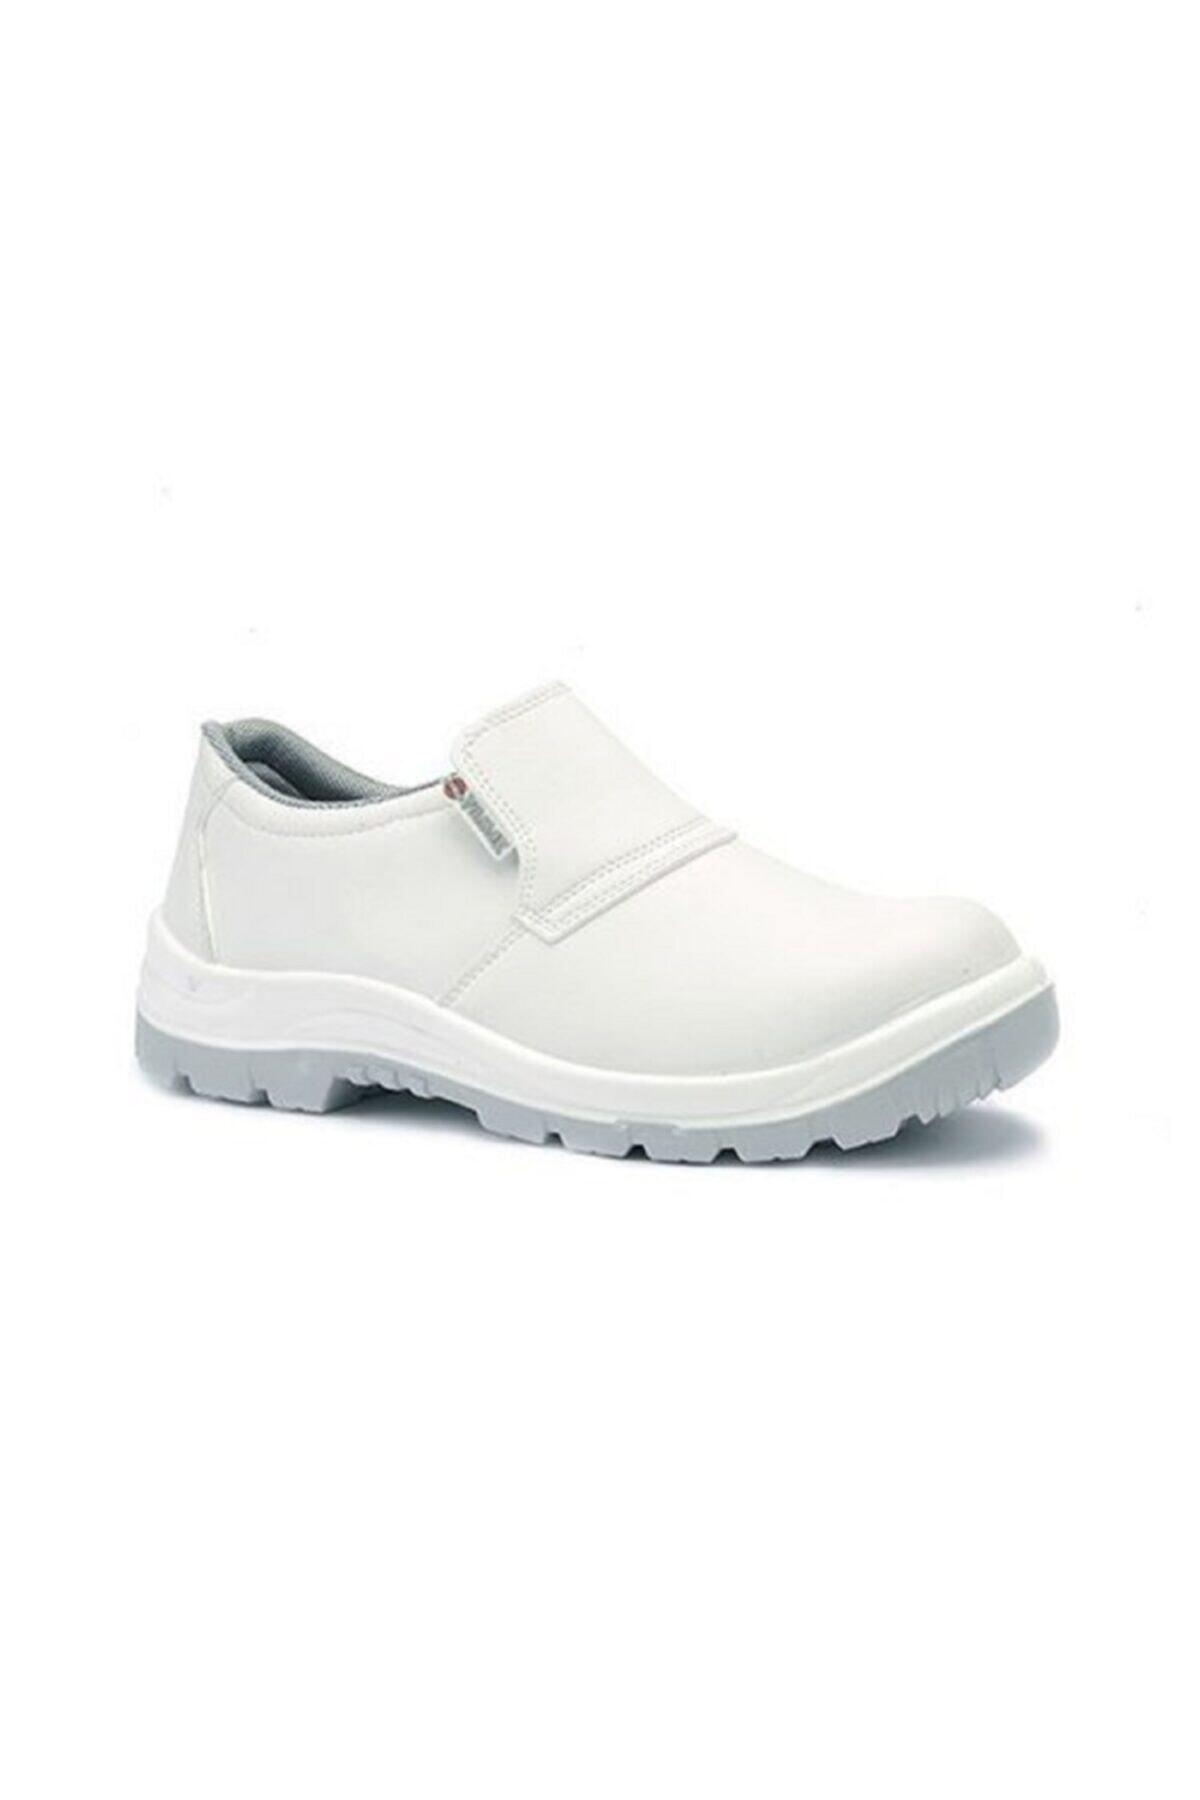 Beyaz Çelik Burunlu Iş Ayakkabısı